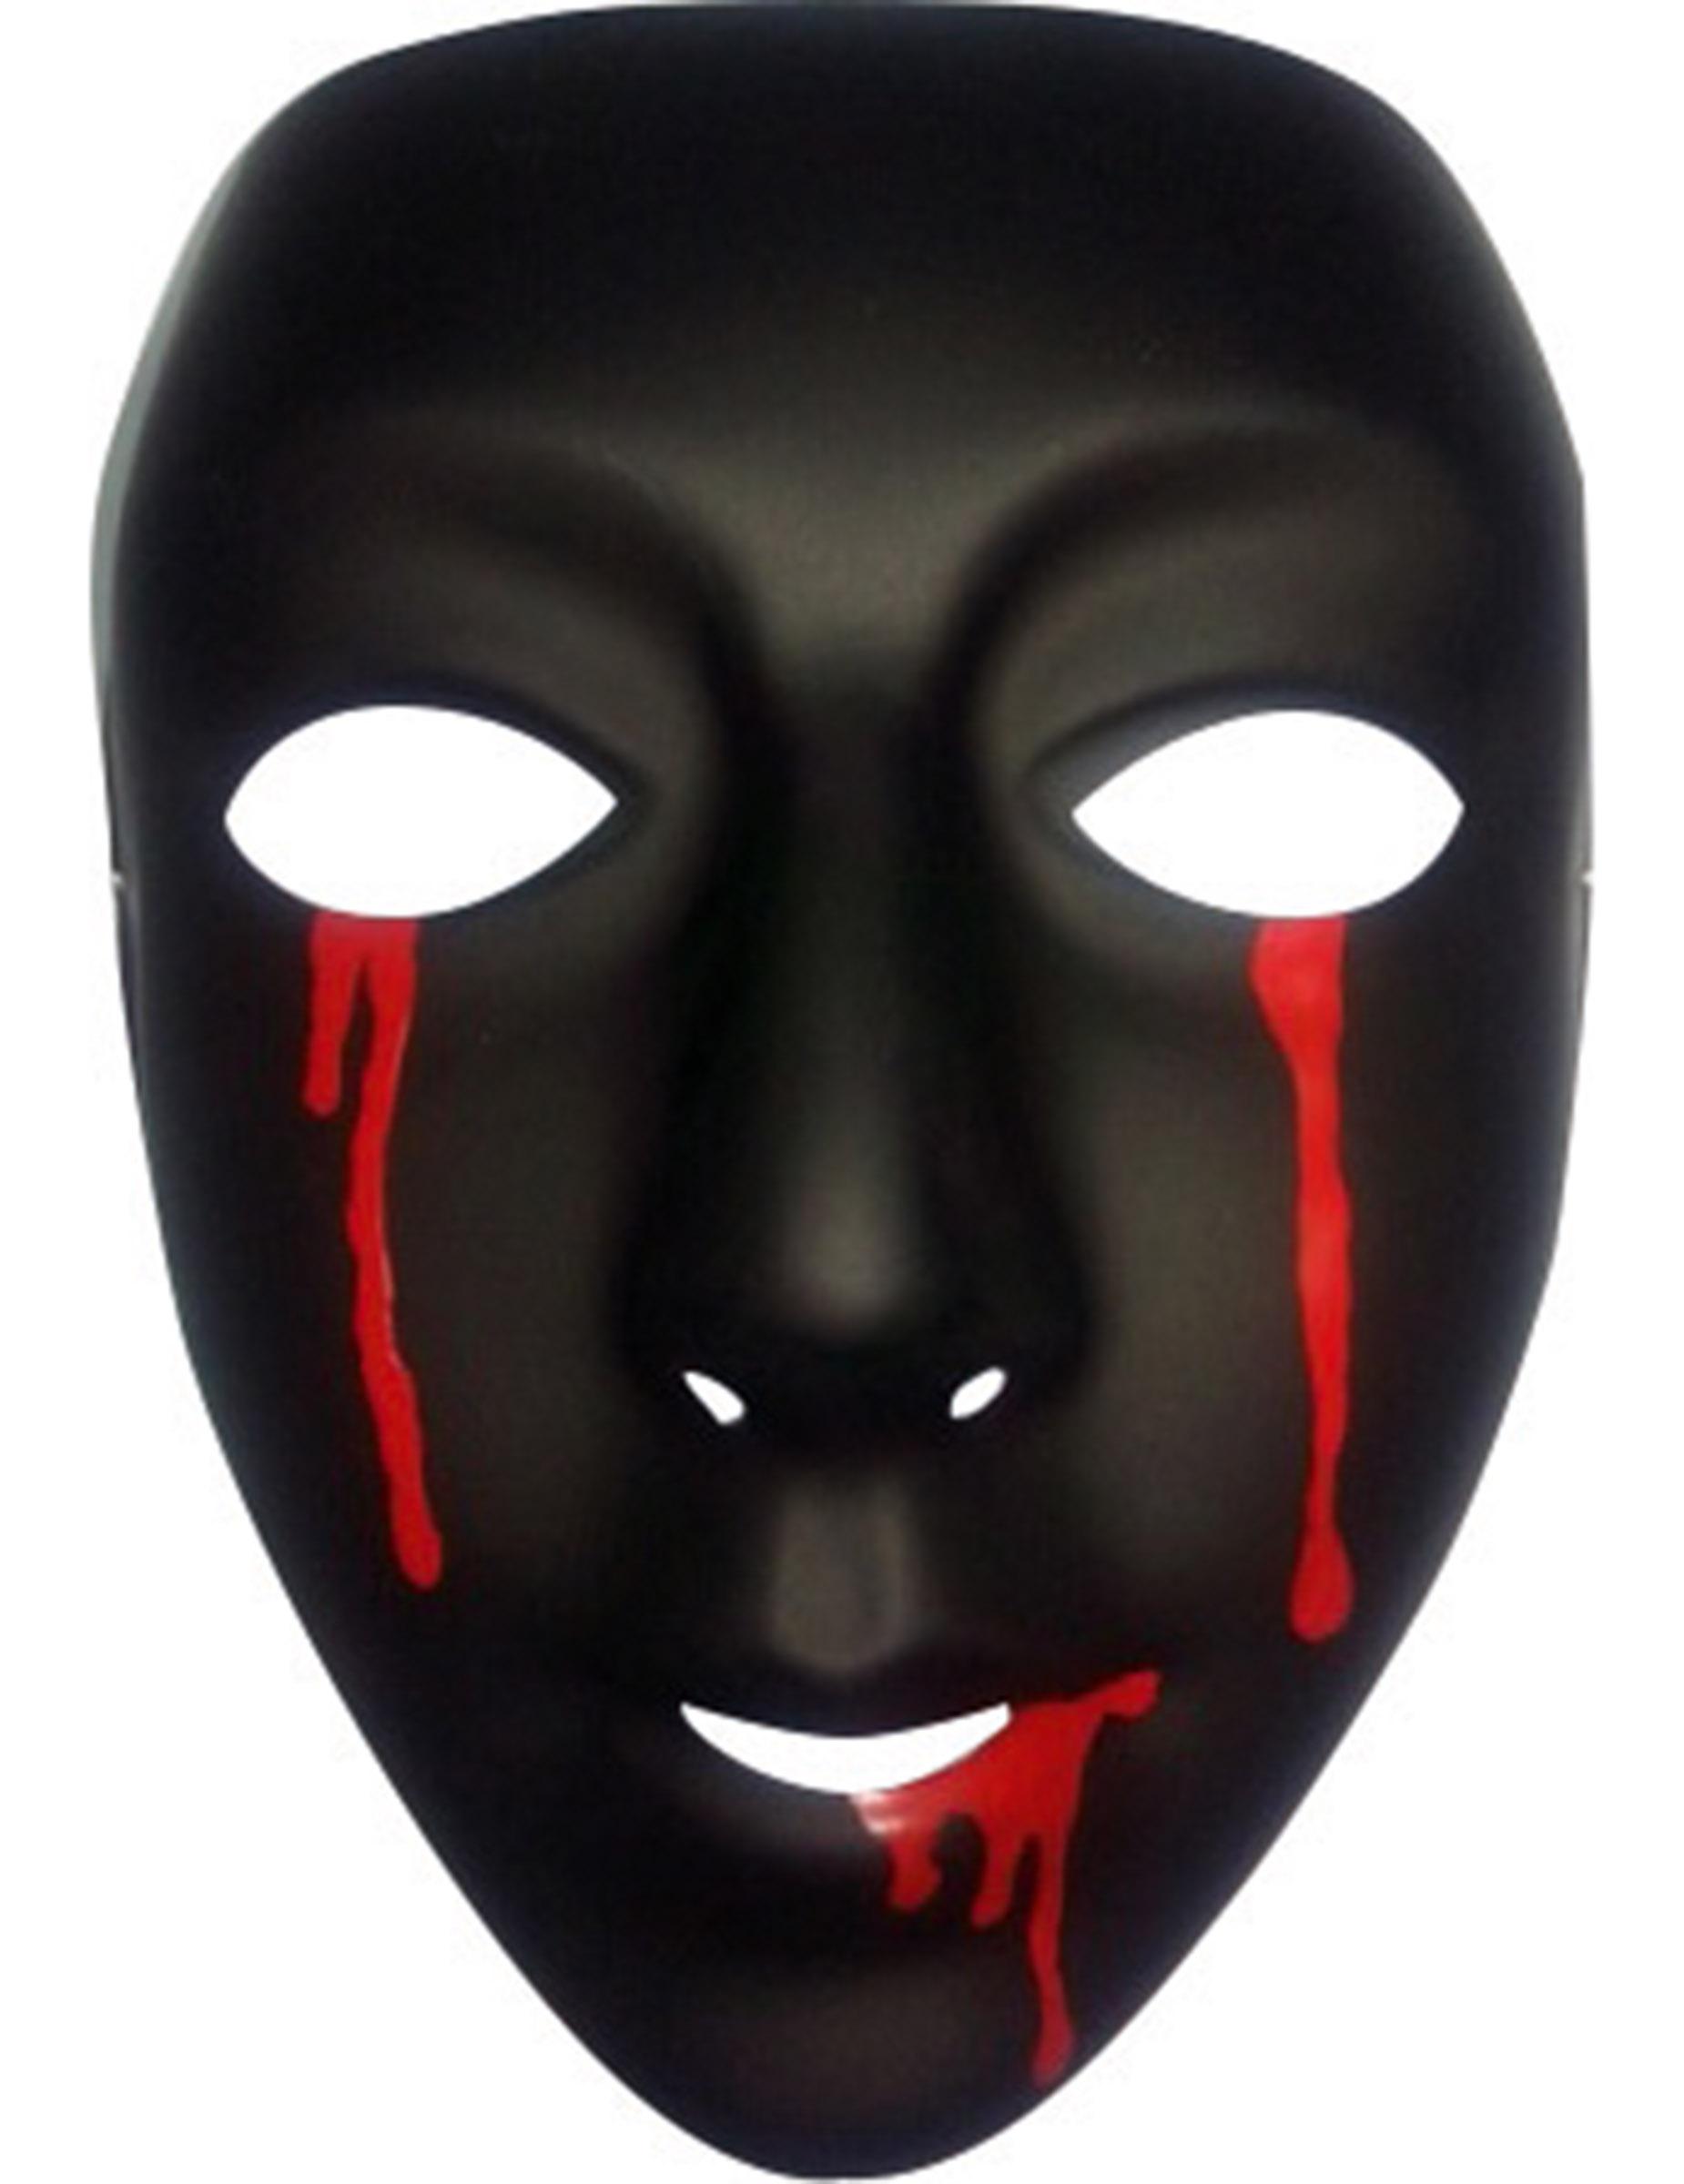 Mascara Preta Com Lagrimas De Sangue Halloween Mascaras